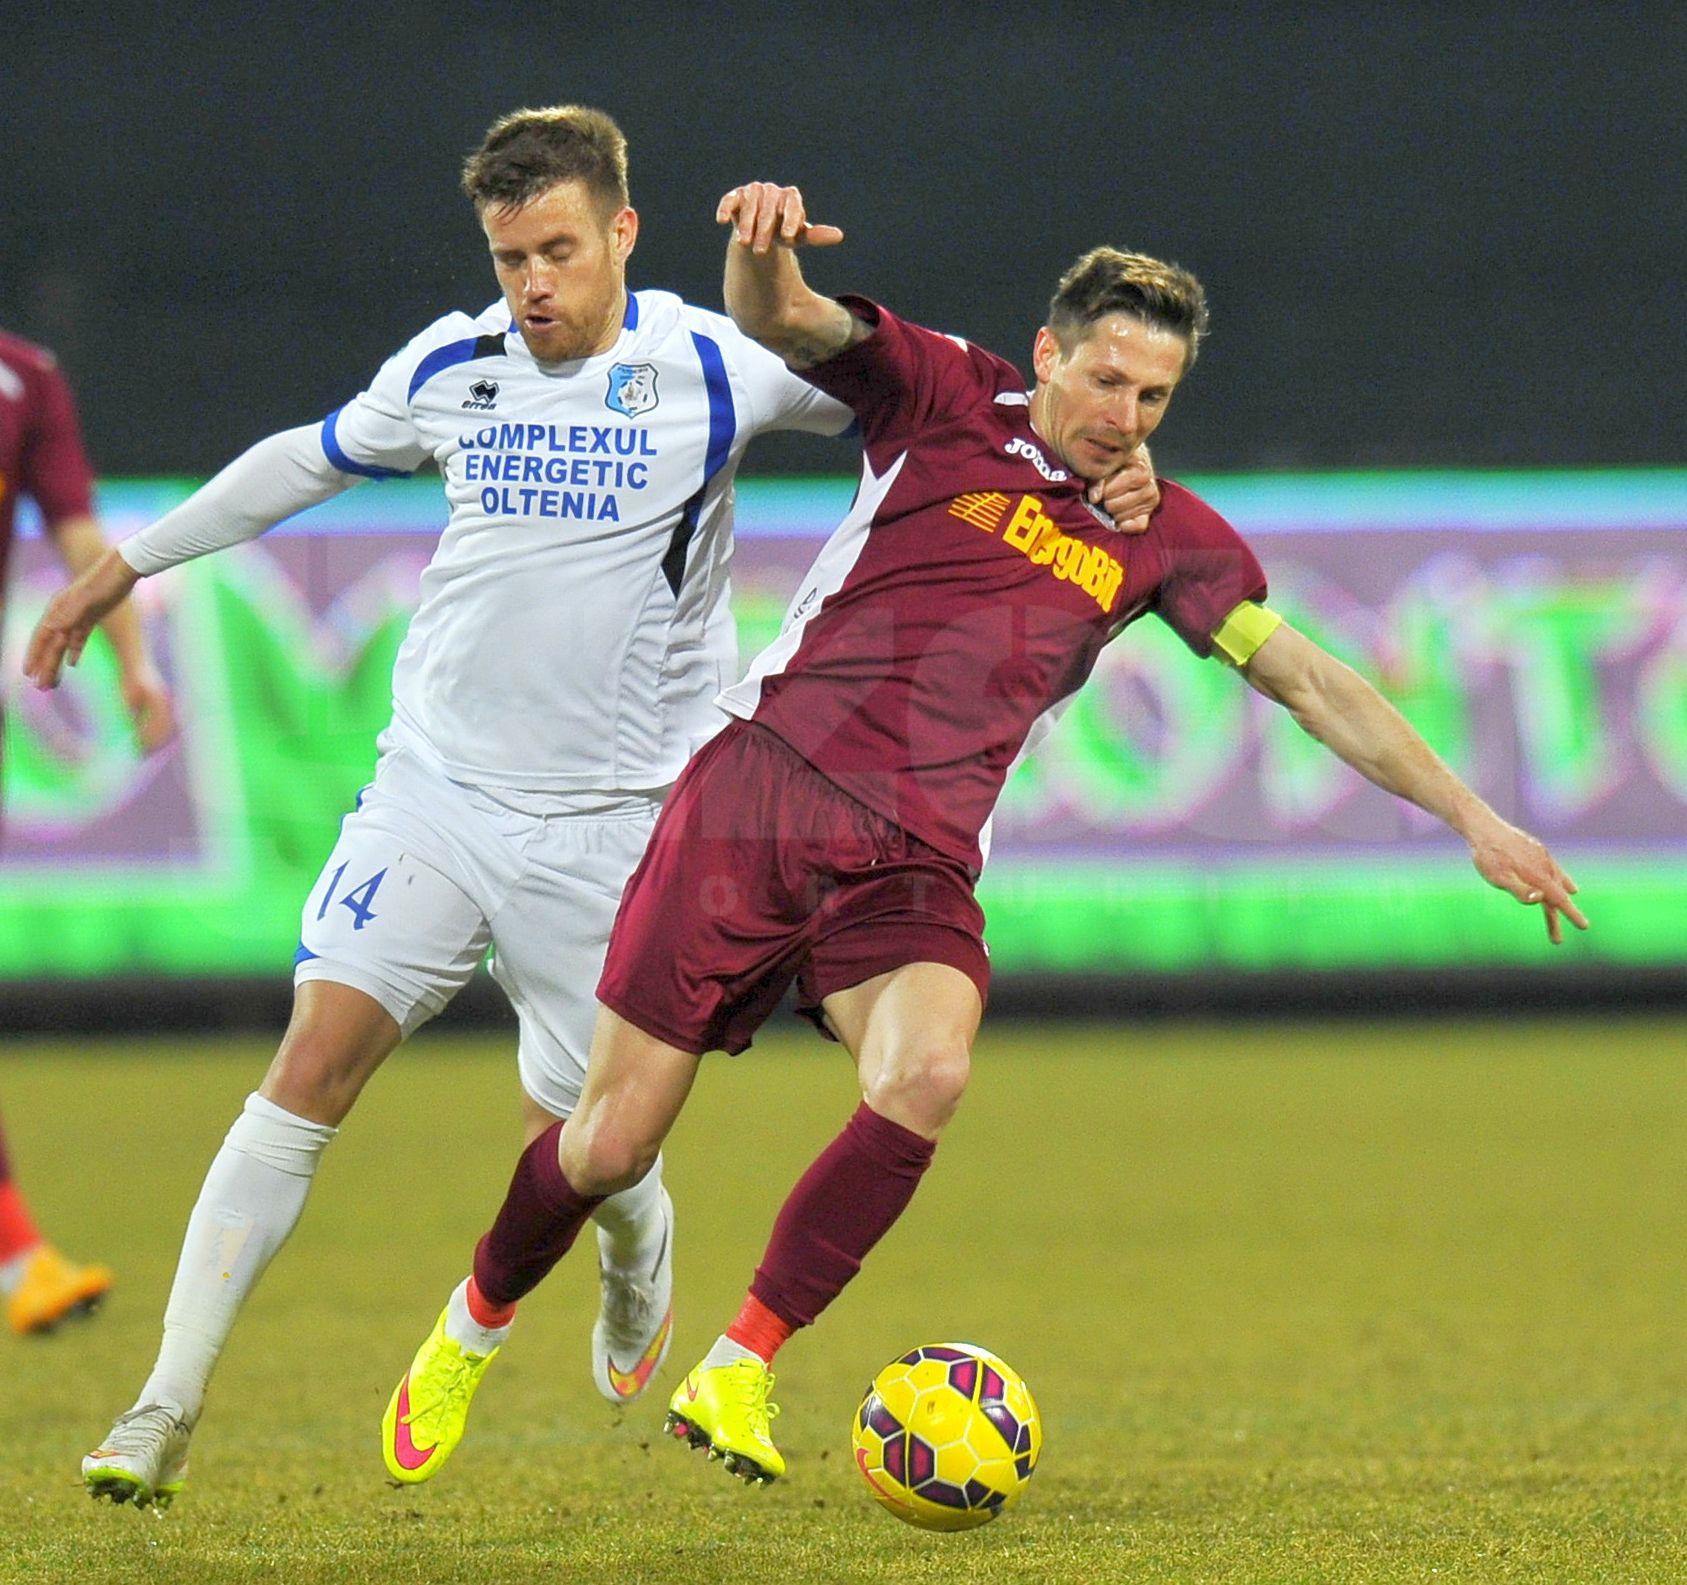 CFR Cluj e condamnată la retrogradare » Un fost antrenor e tranşant: